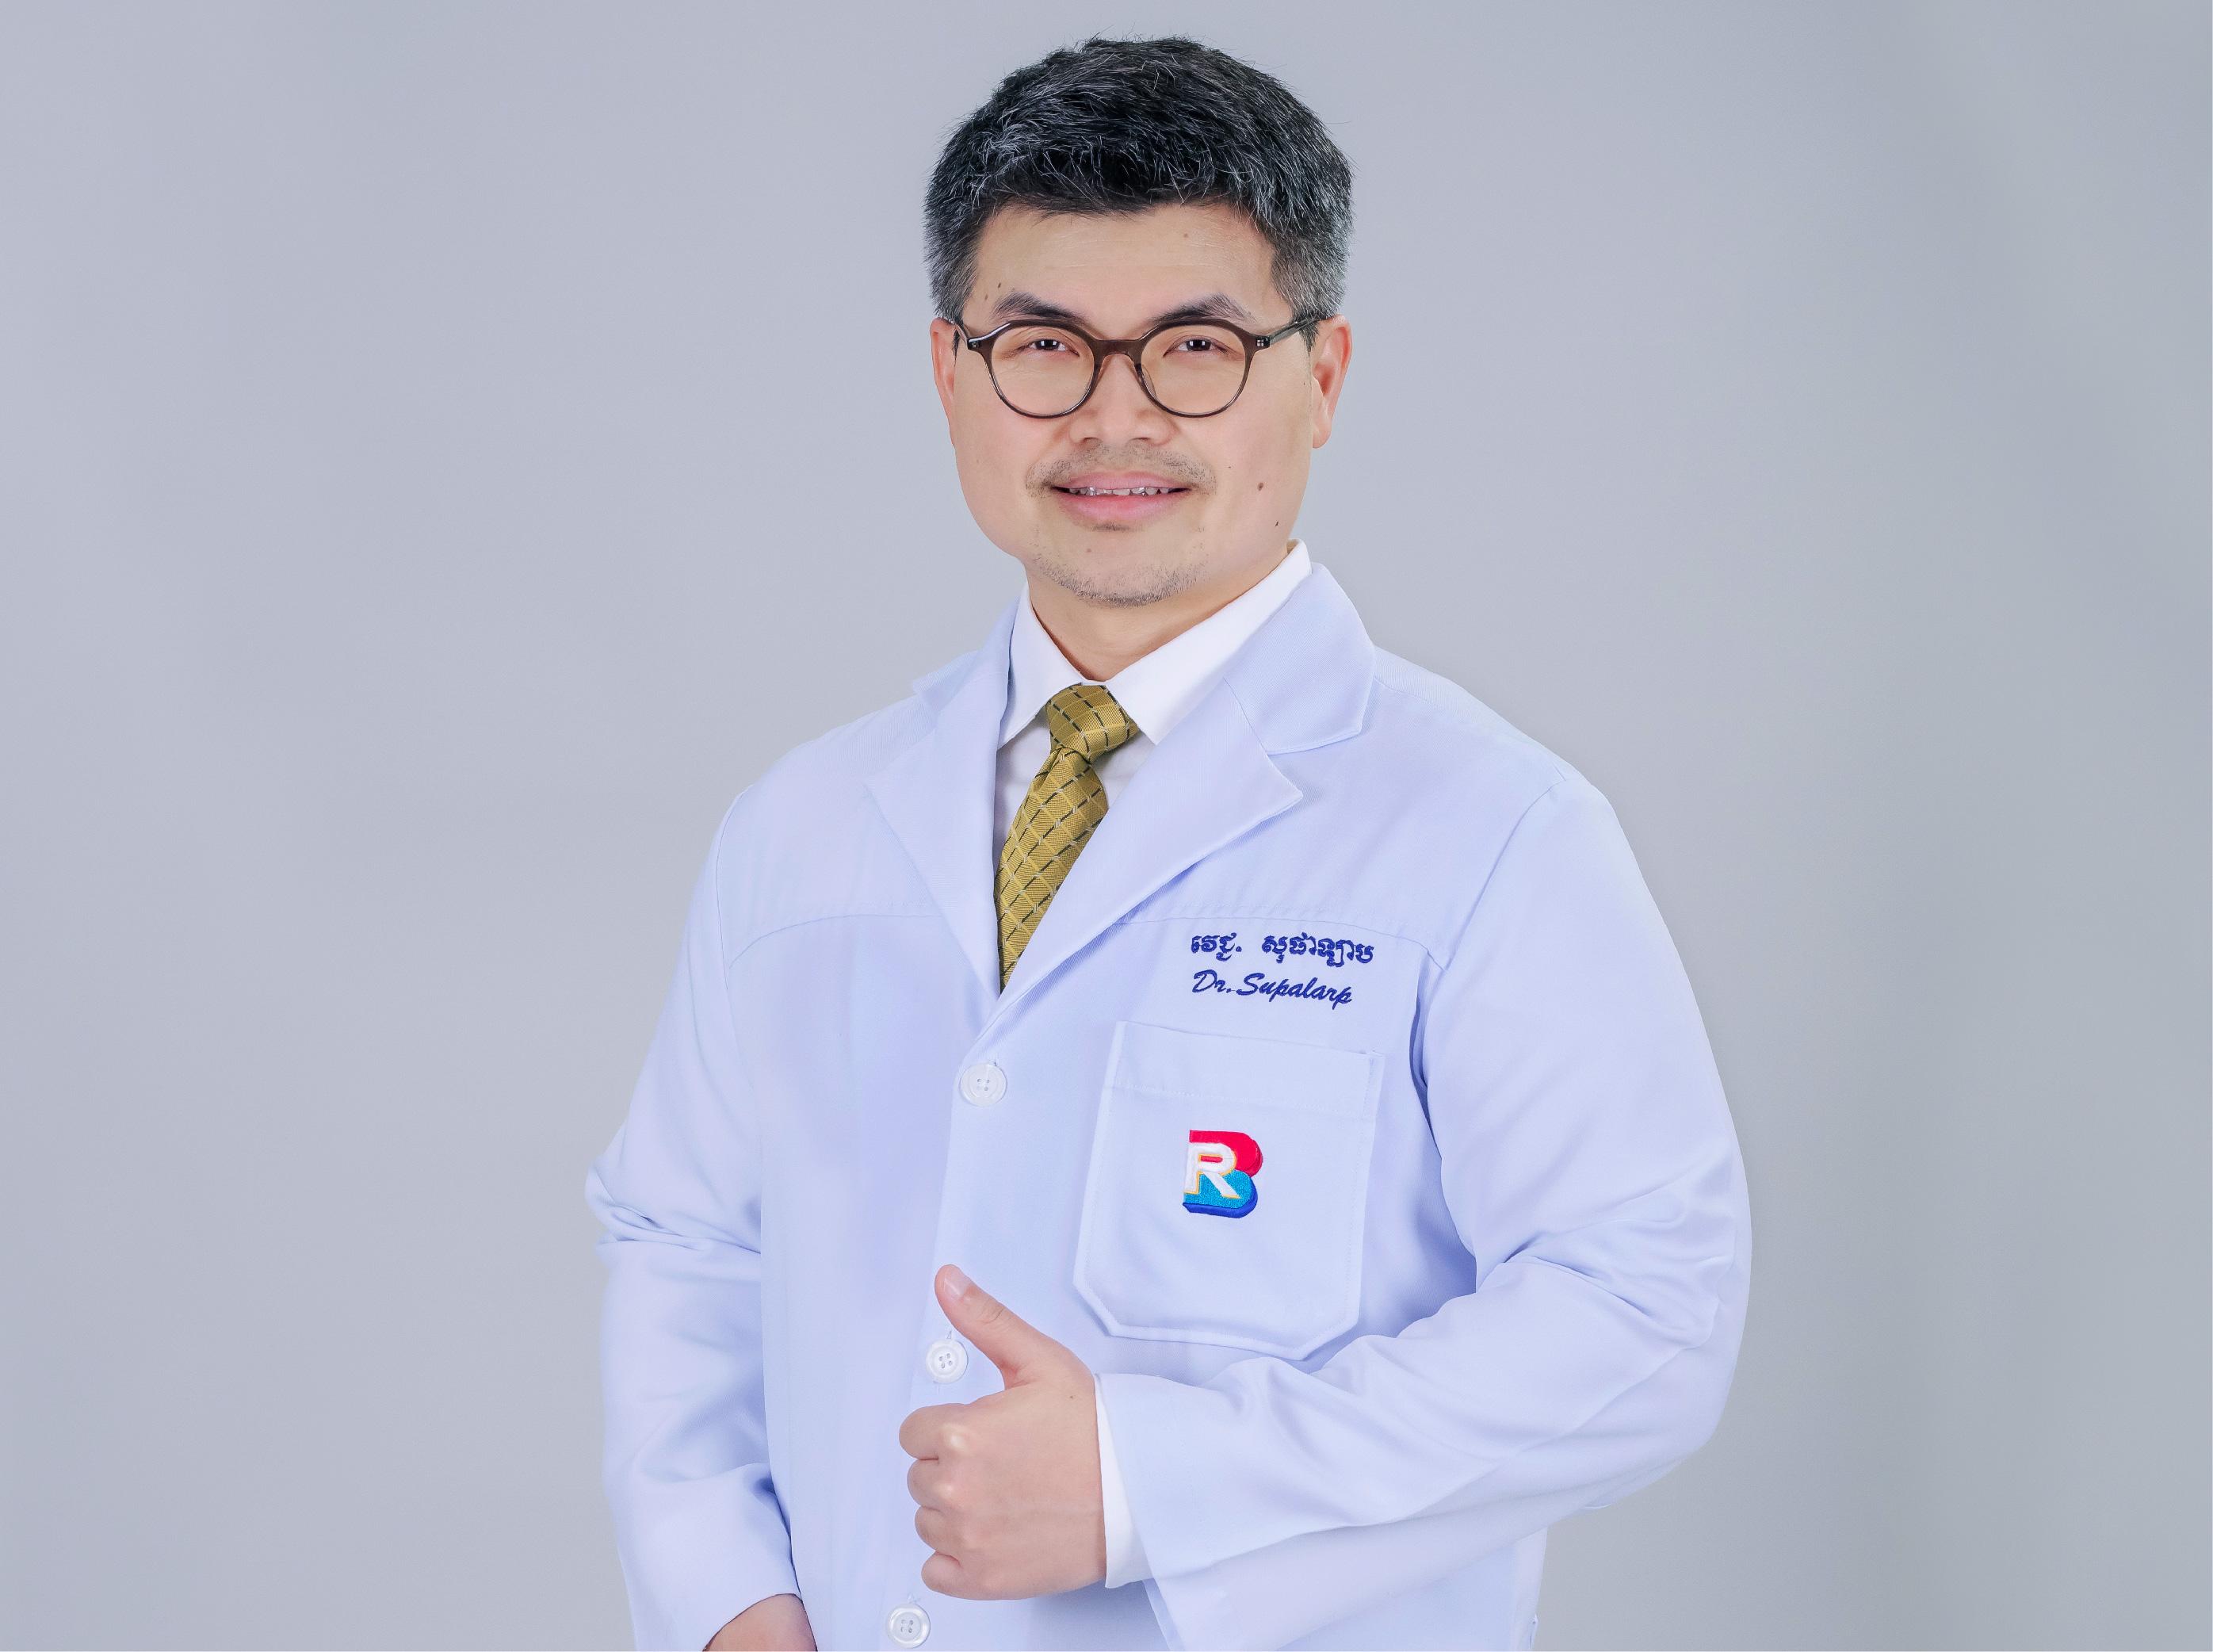 Dr. Supalarp Pasurawanich (TH)